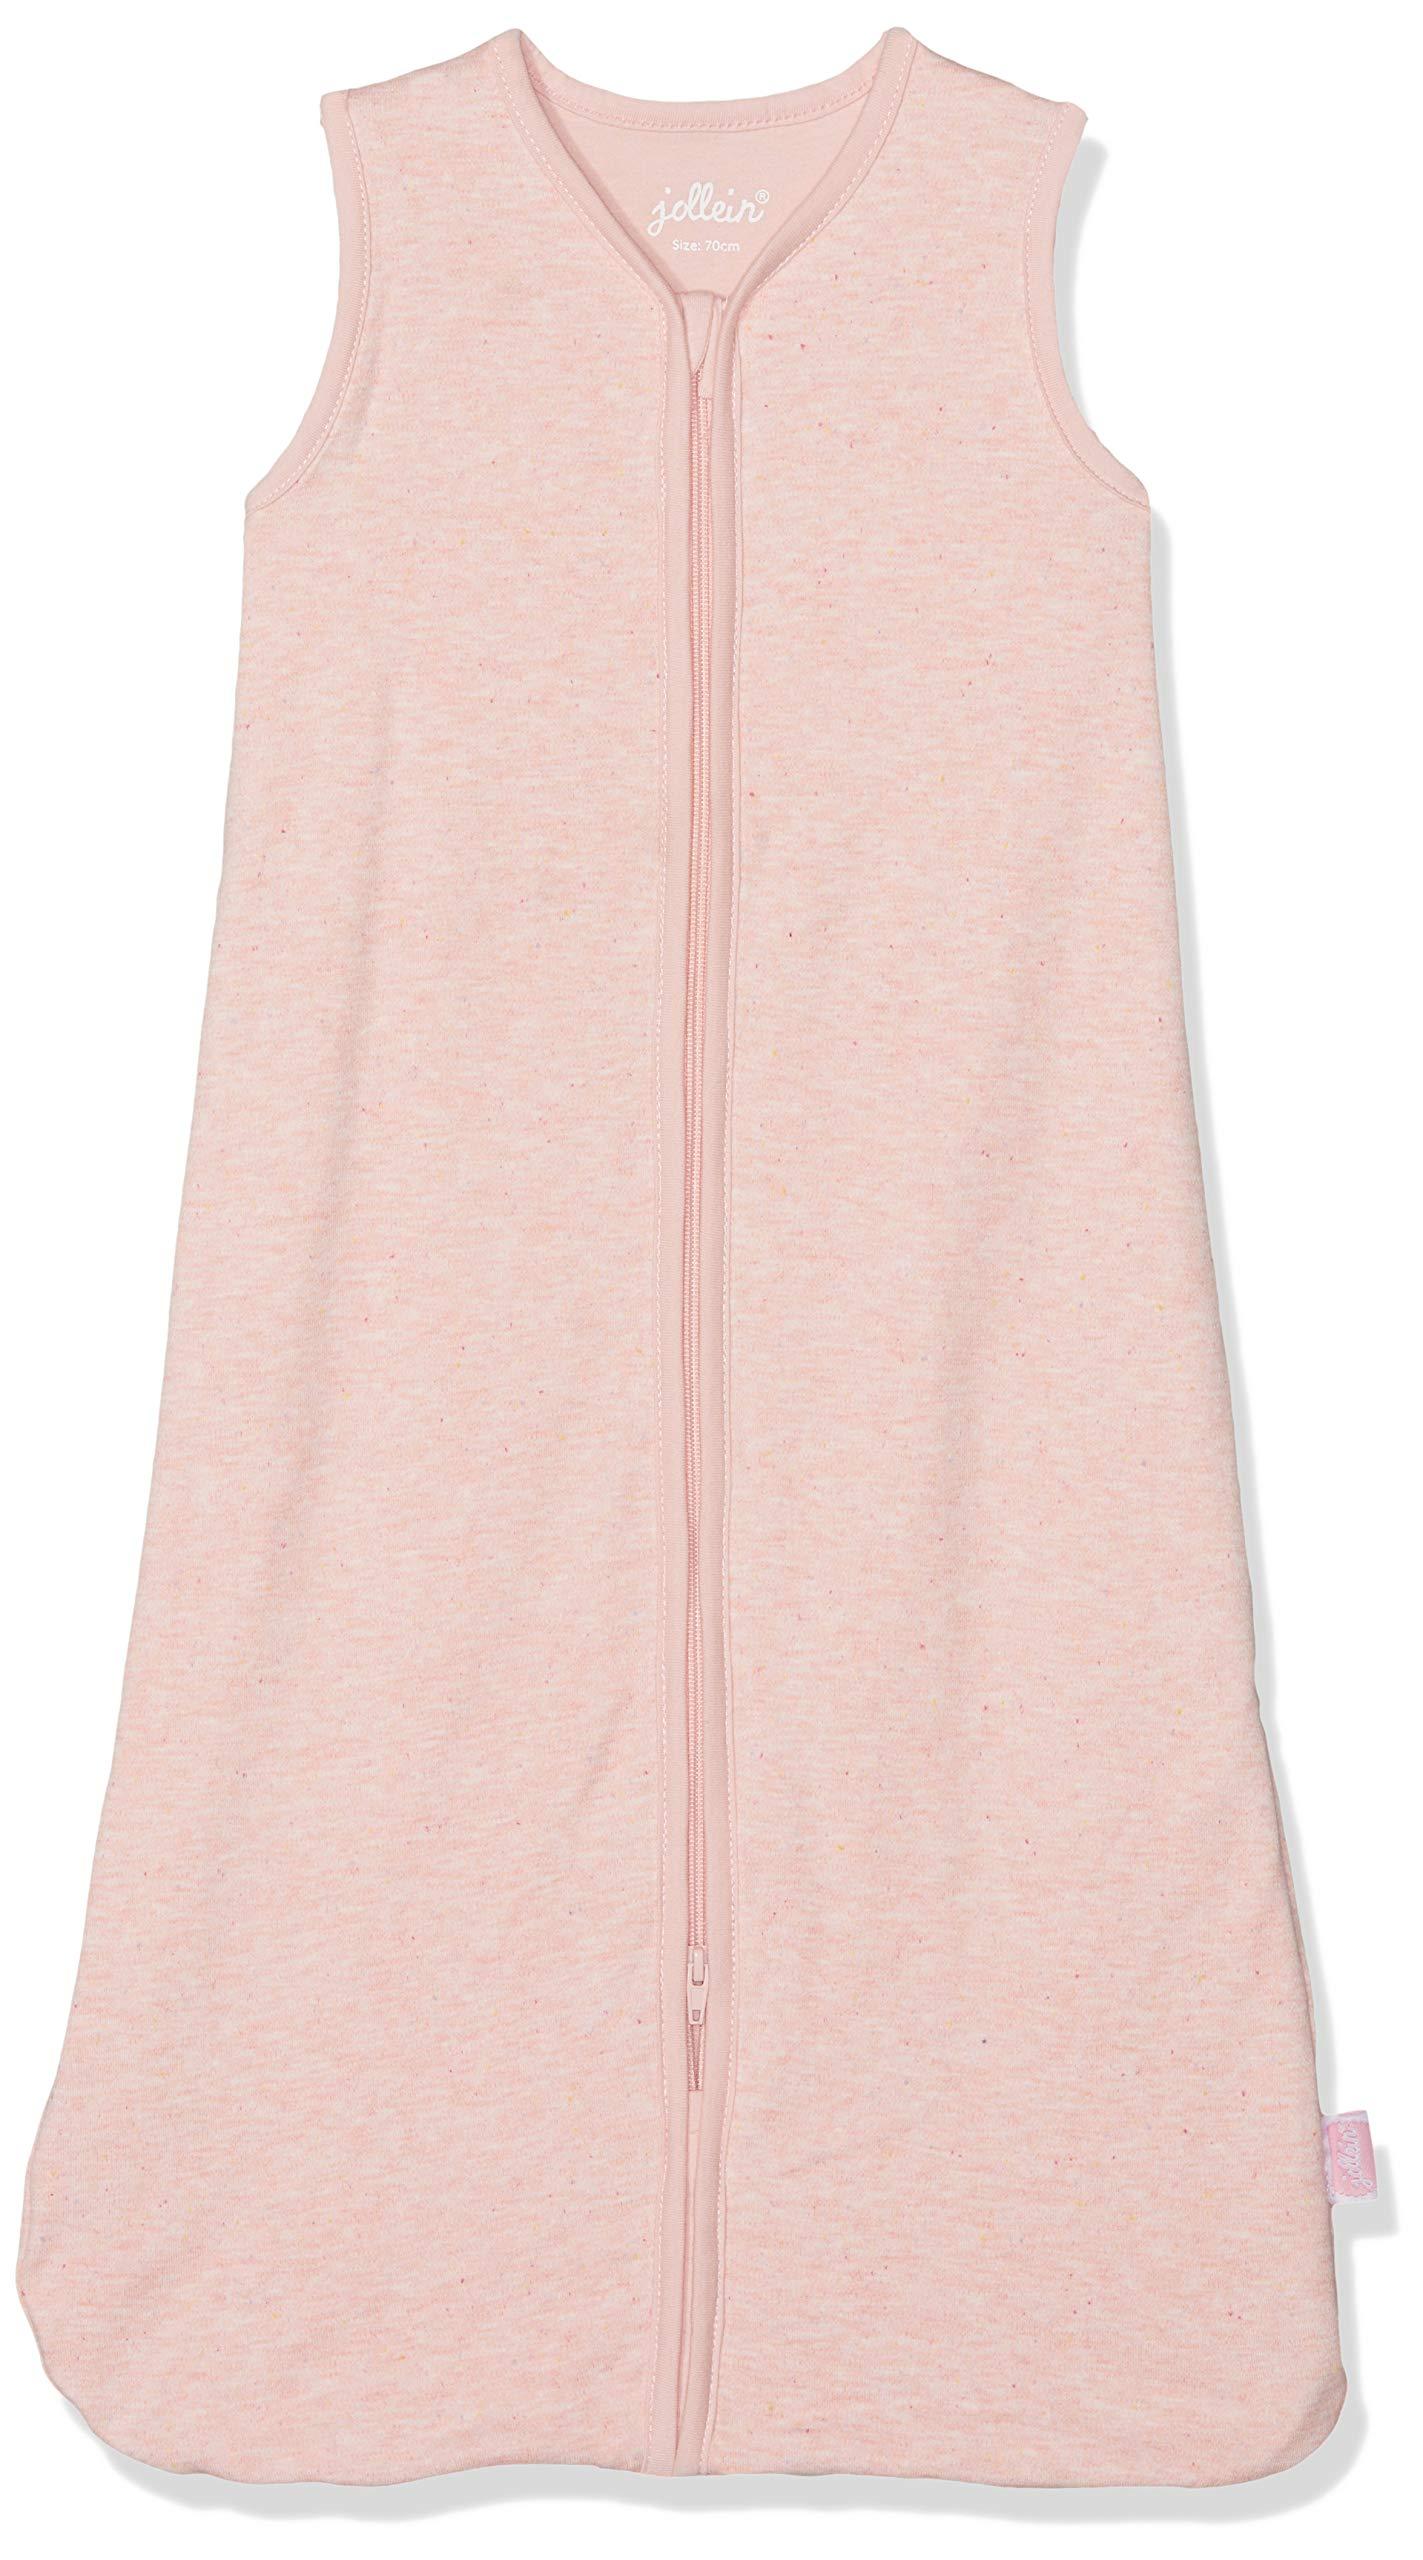 81ZX%2B1epHKL - Saco de dormir Jollein, saco de dormir de verano, 70 cm, color rosa, saco de dormir verano, 70 cm, color rosa